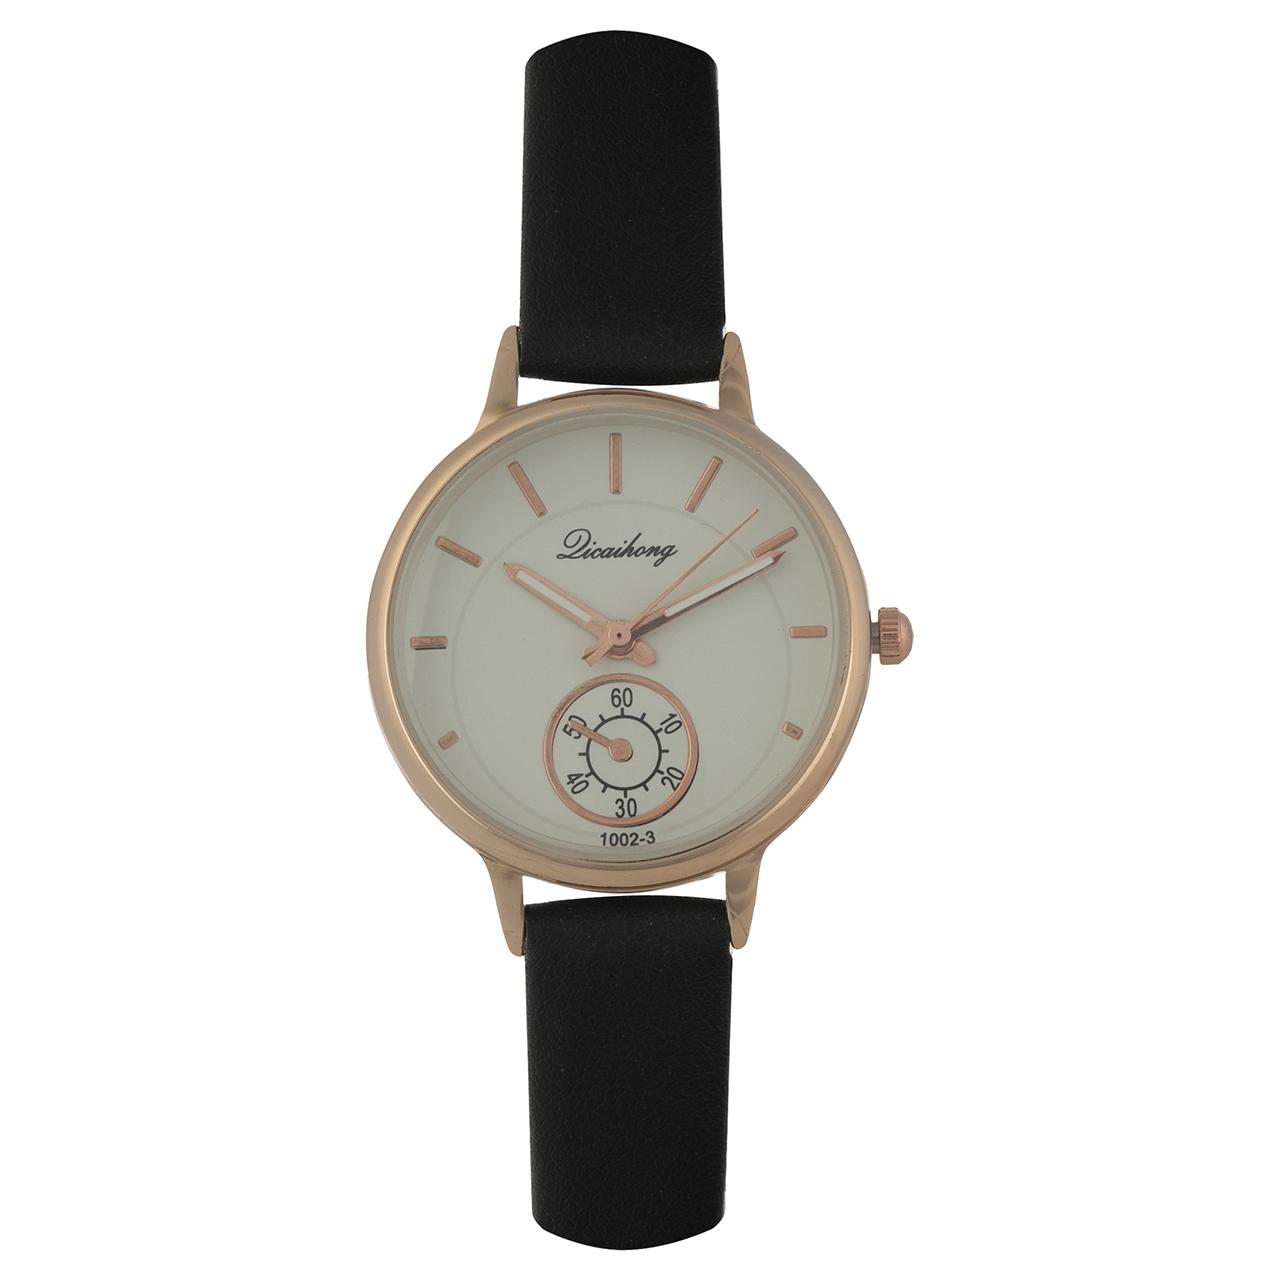 خرید ساعت مچی عقربه ای زنانه دیکایهونگ کد 1002 مدل DW4